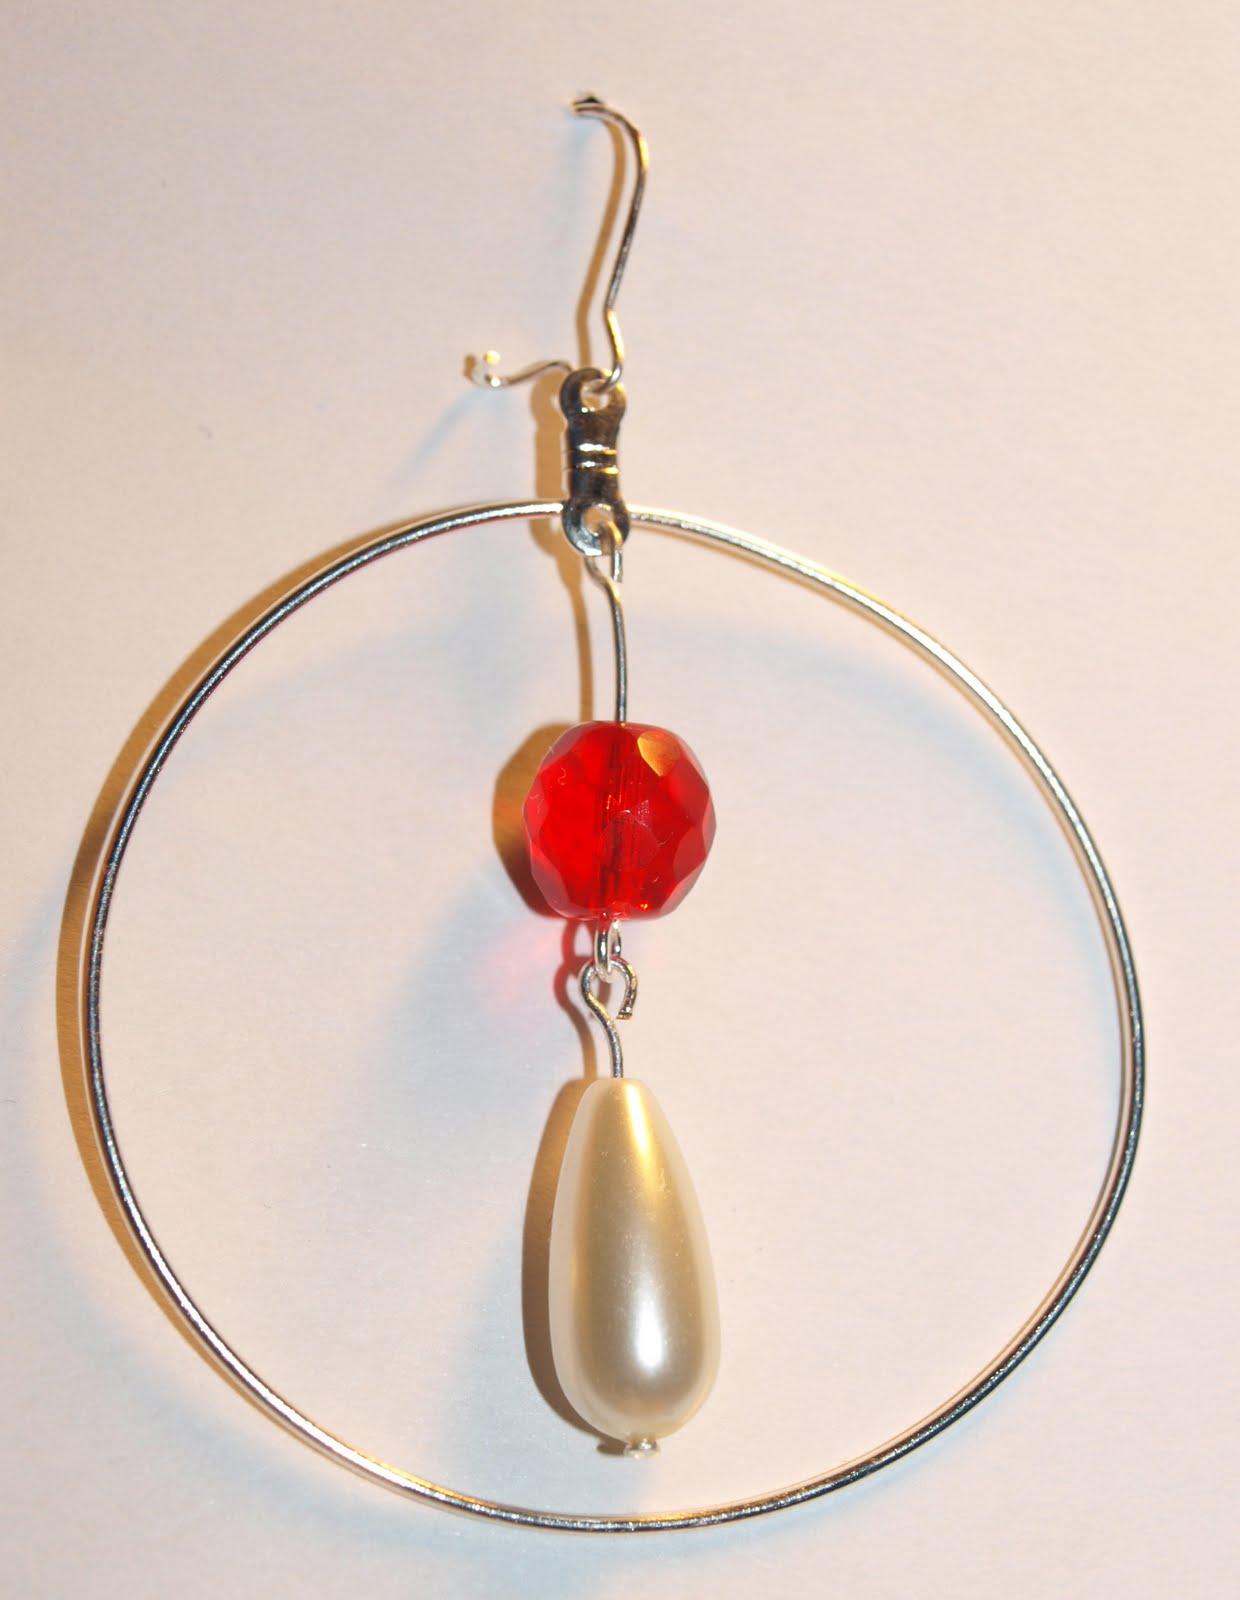 a9c0869a2b9 Rõnga ja rippuva detailiga. Rõngaga ümbritsetud valge ja punase pärliga  kõrvarõngad!